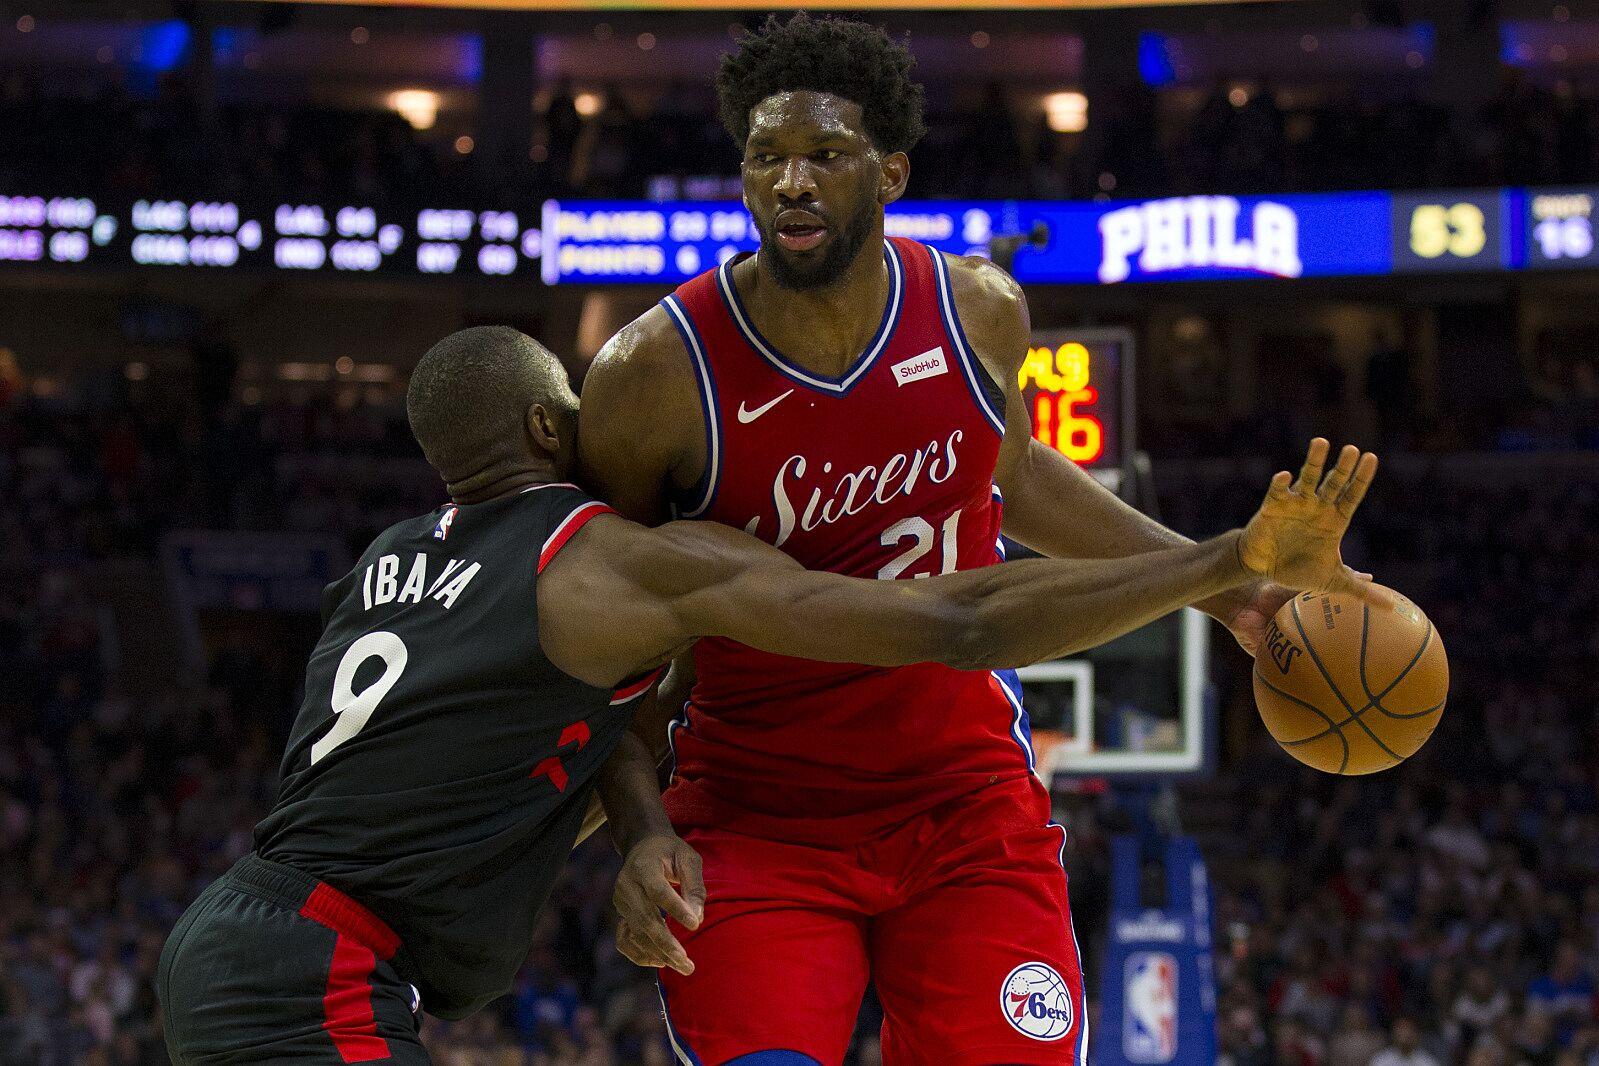 Philadelphia 76ers đại chiến Toronto Raptors ở vòng 2 NBA Playoffs: Đâu là những câu chuyện đáng chú ý nhất?